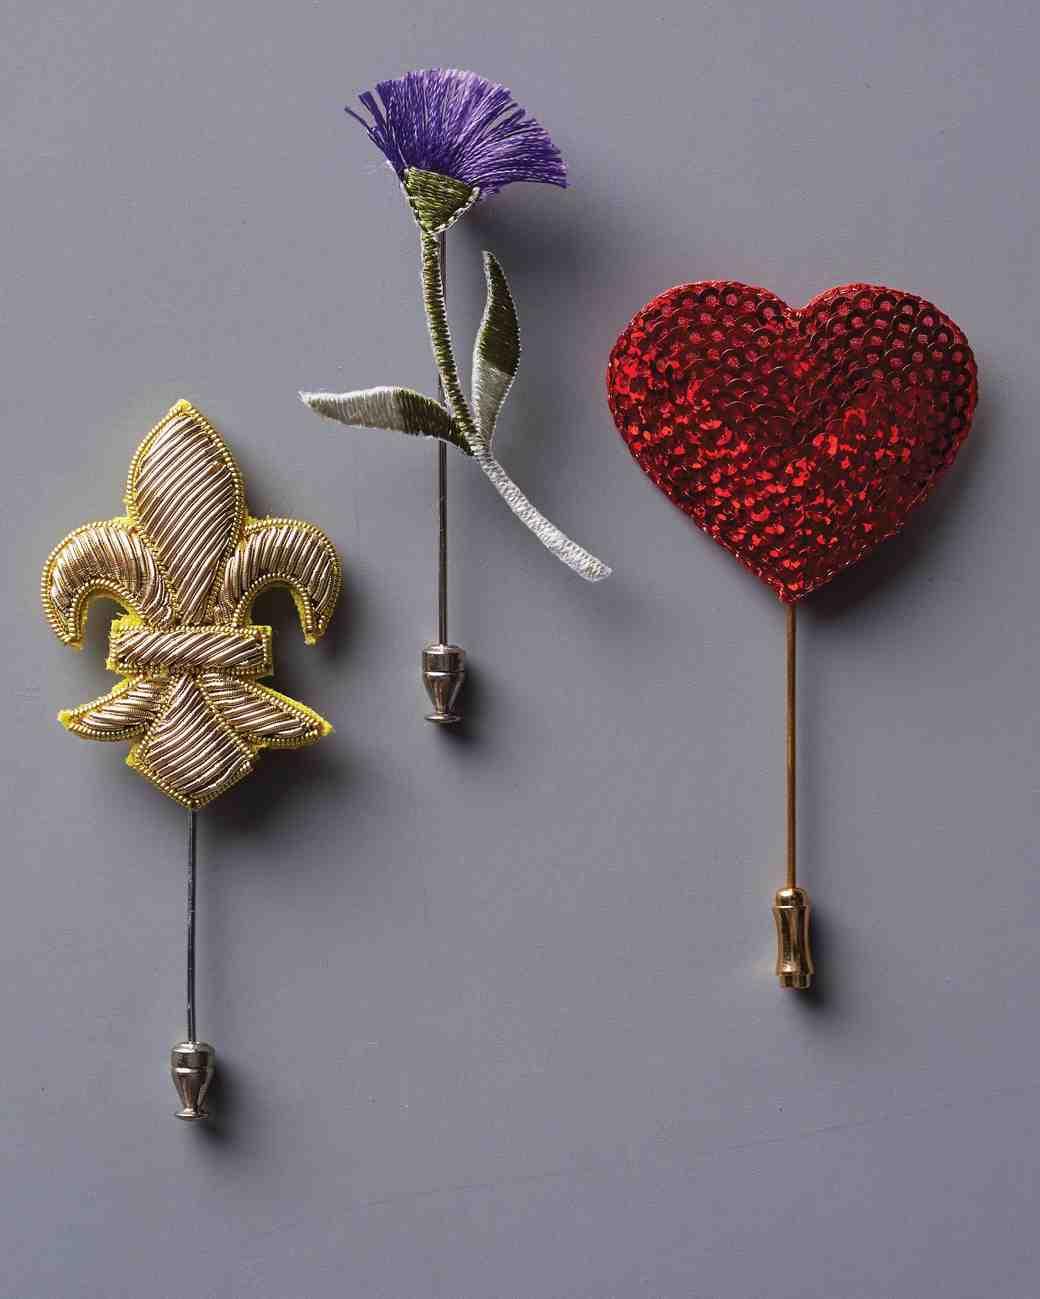 applique boutonnieres fleur de lis flower heart